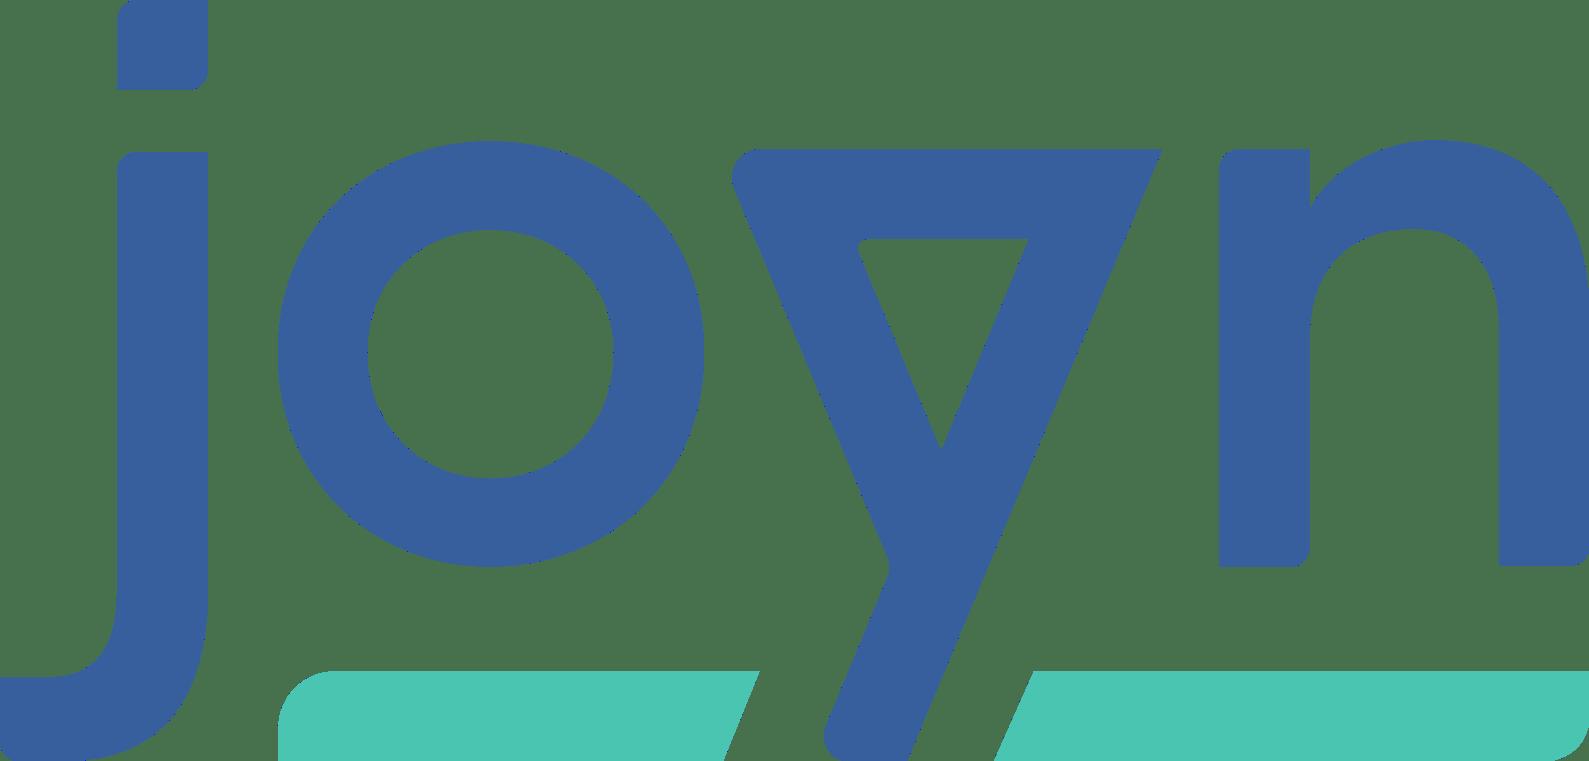 Joyn company logo